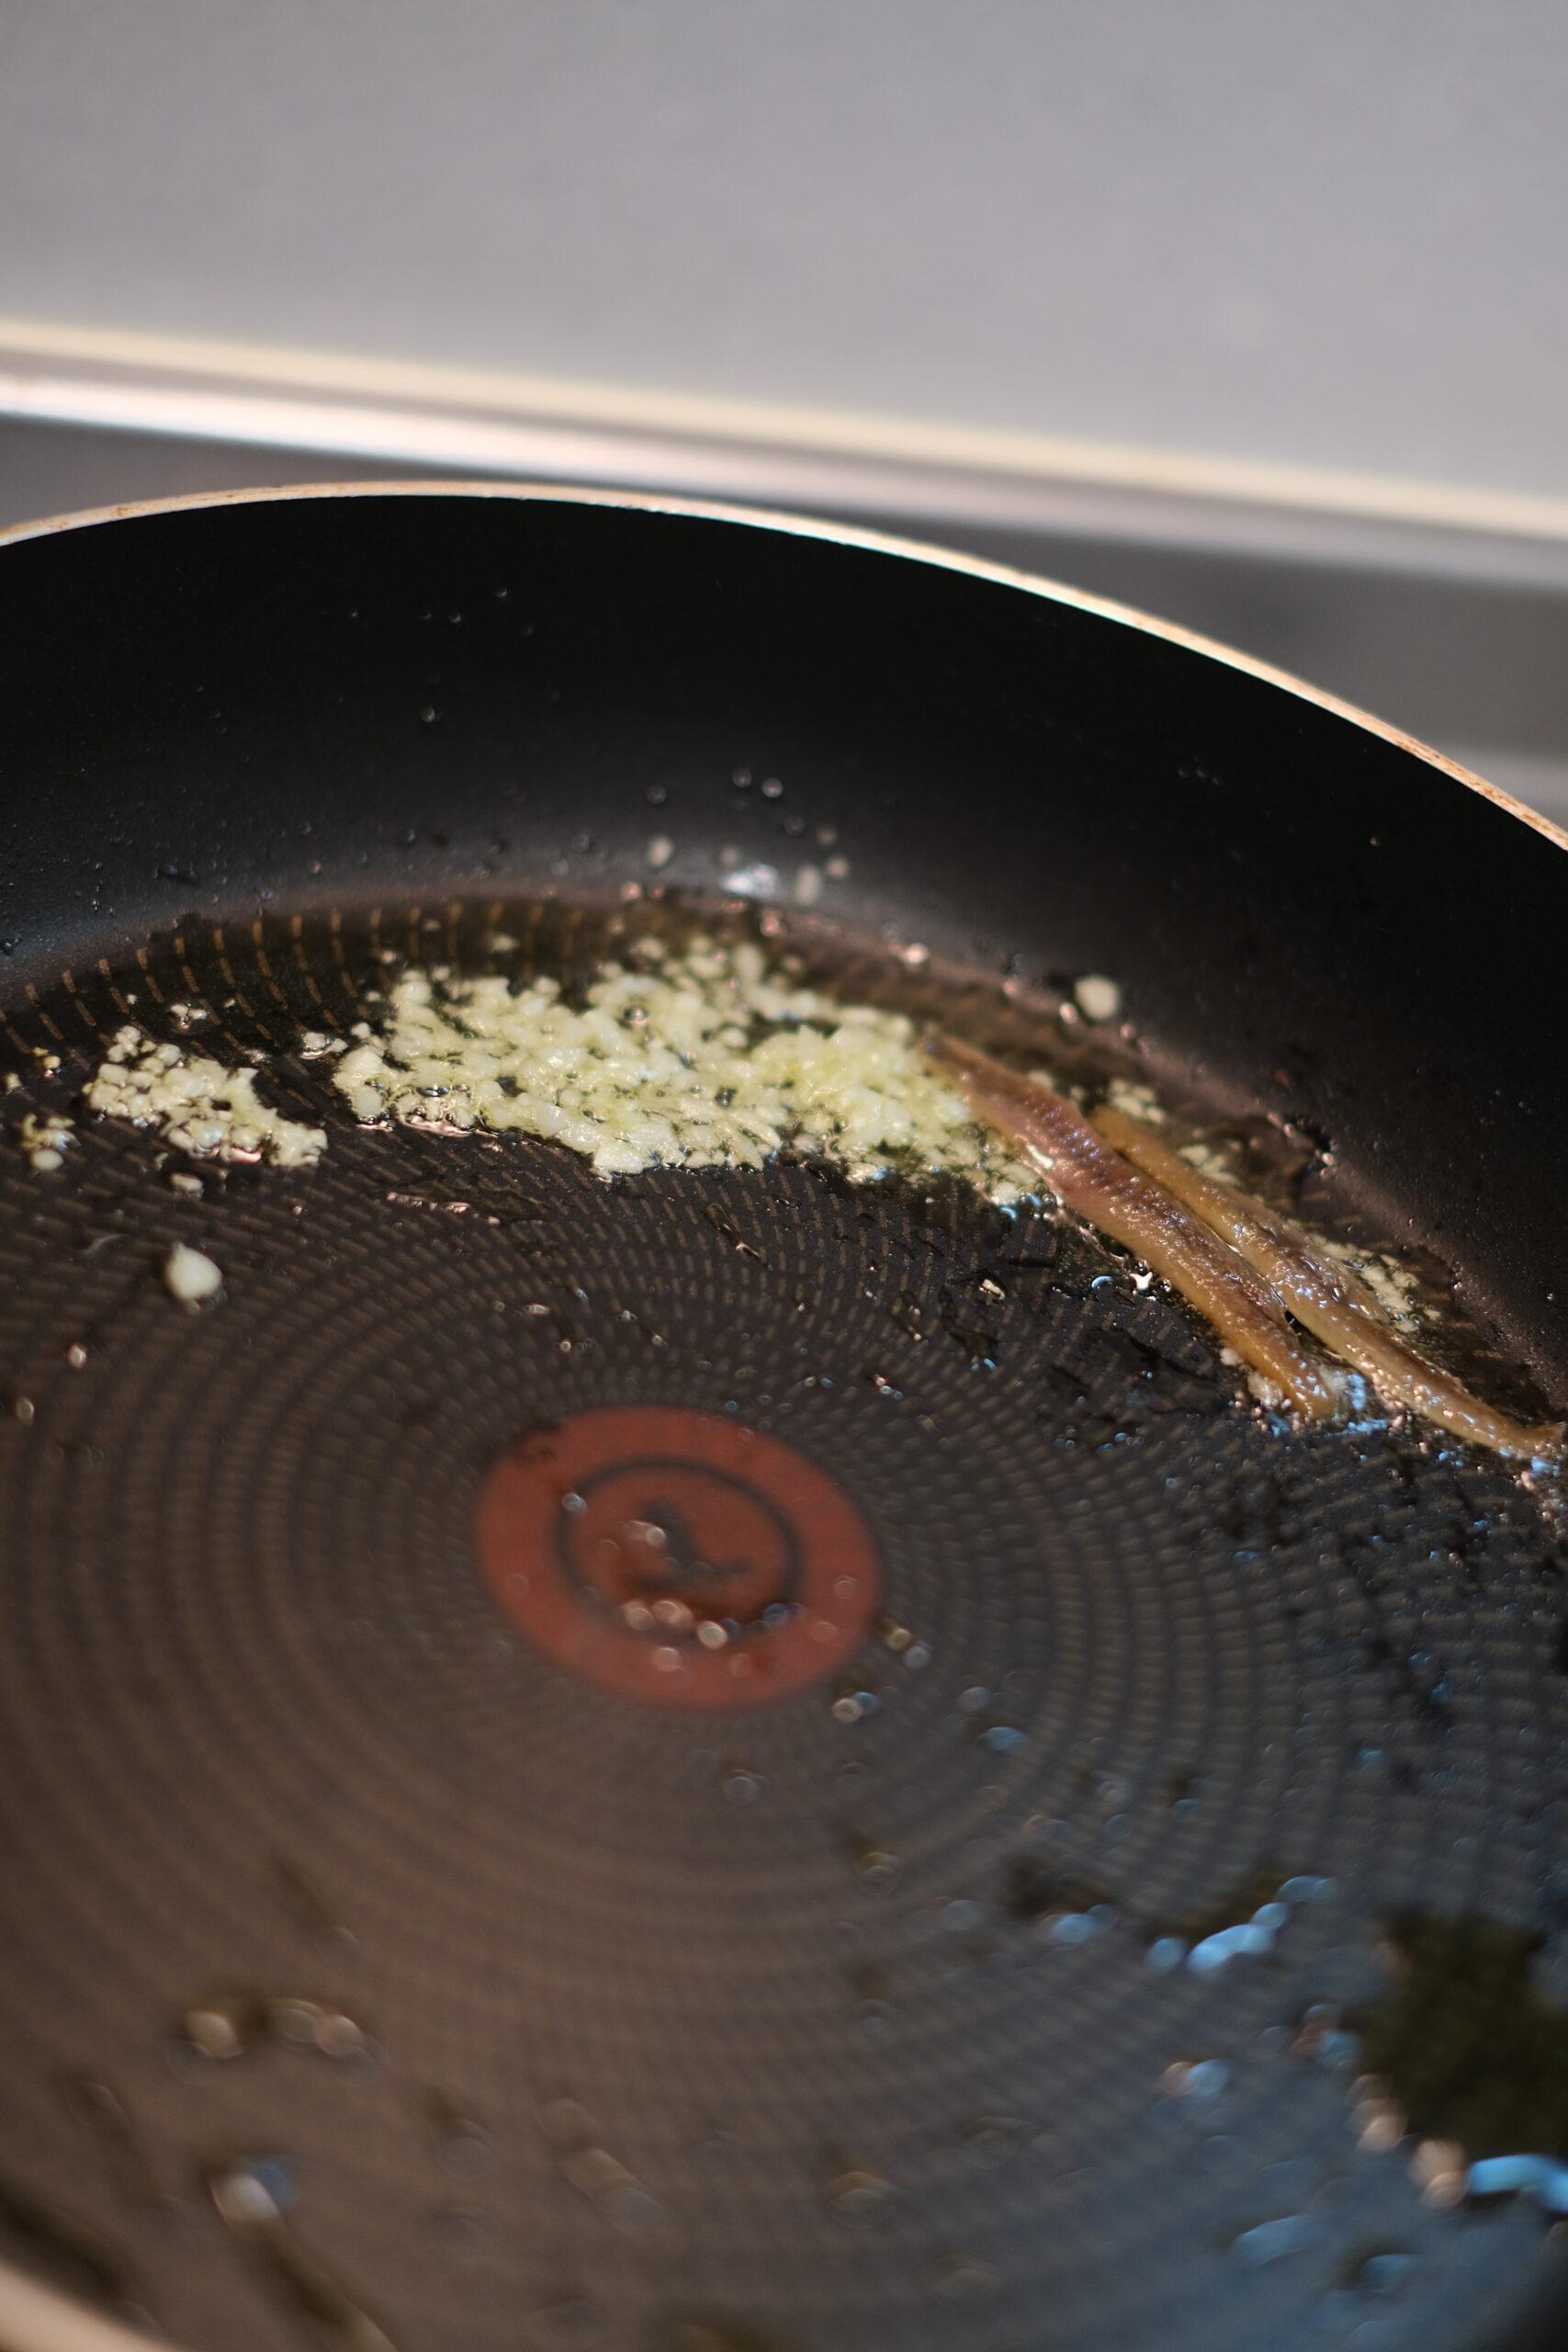 フライパンにアンチョビを加えた状態の画像です